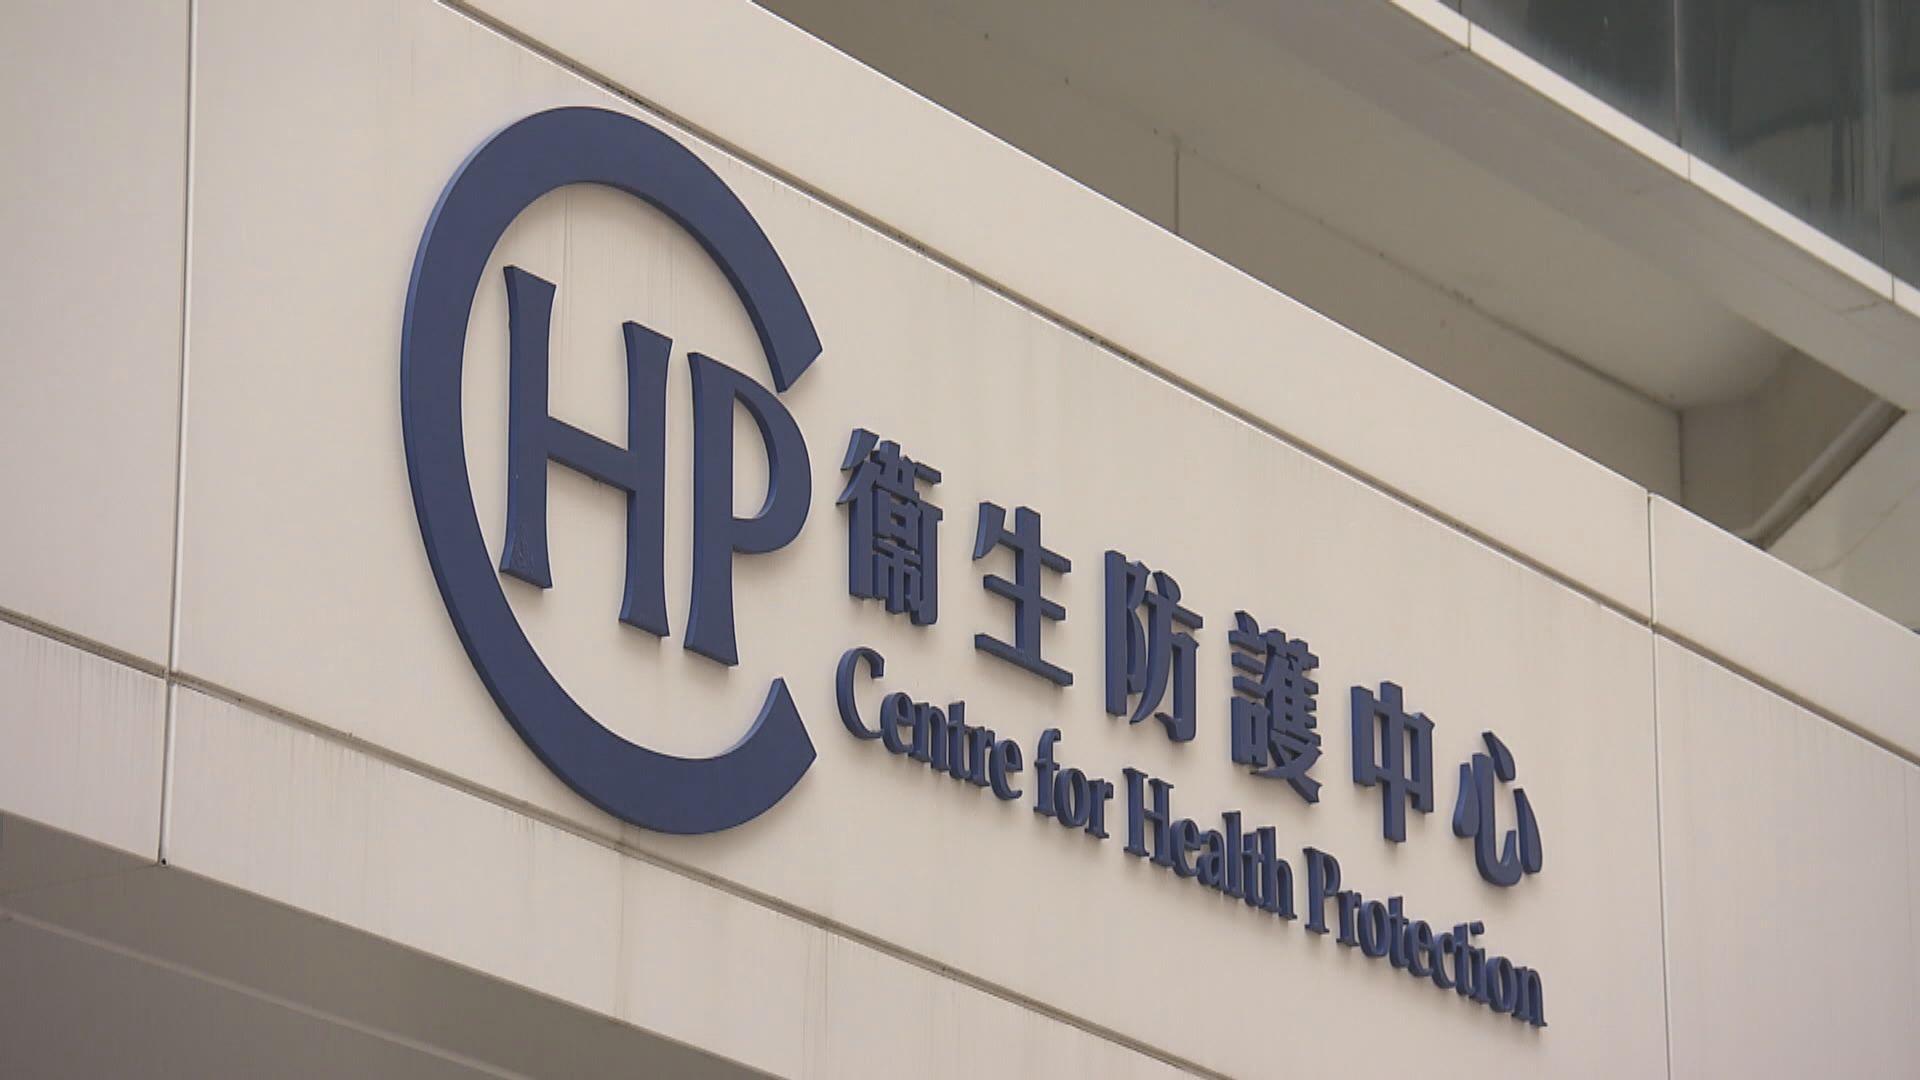 防護中心:新型肺炎患者密切接觸者中部分人現病癥